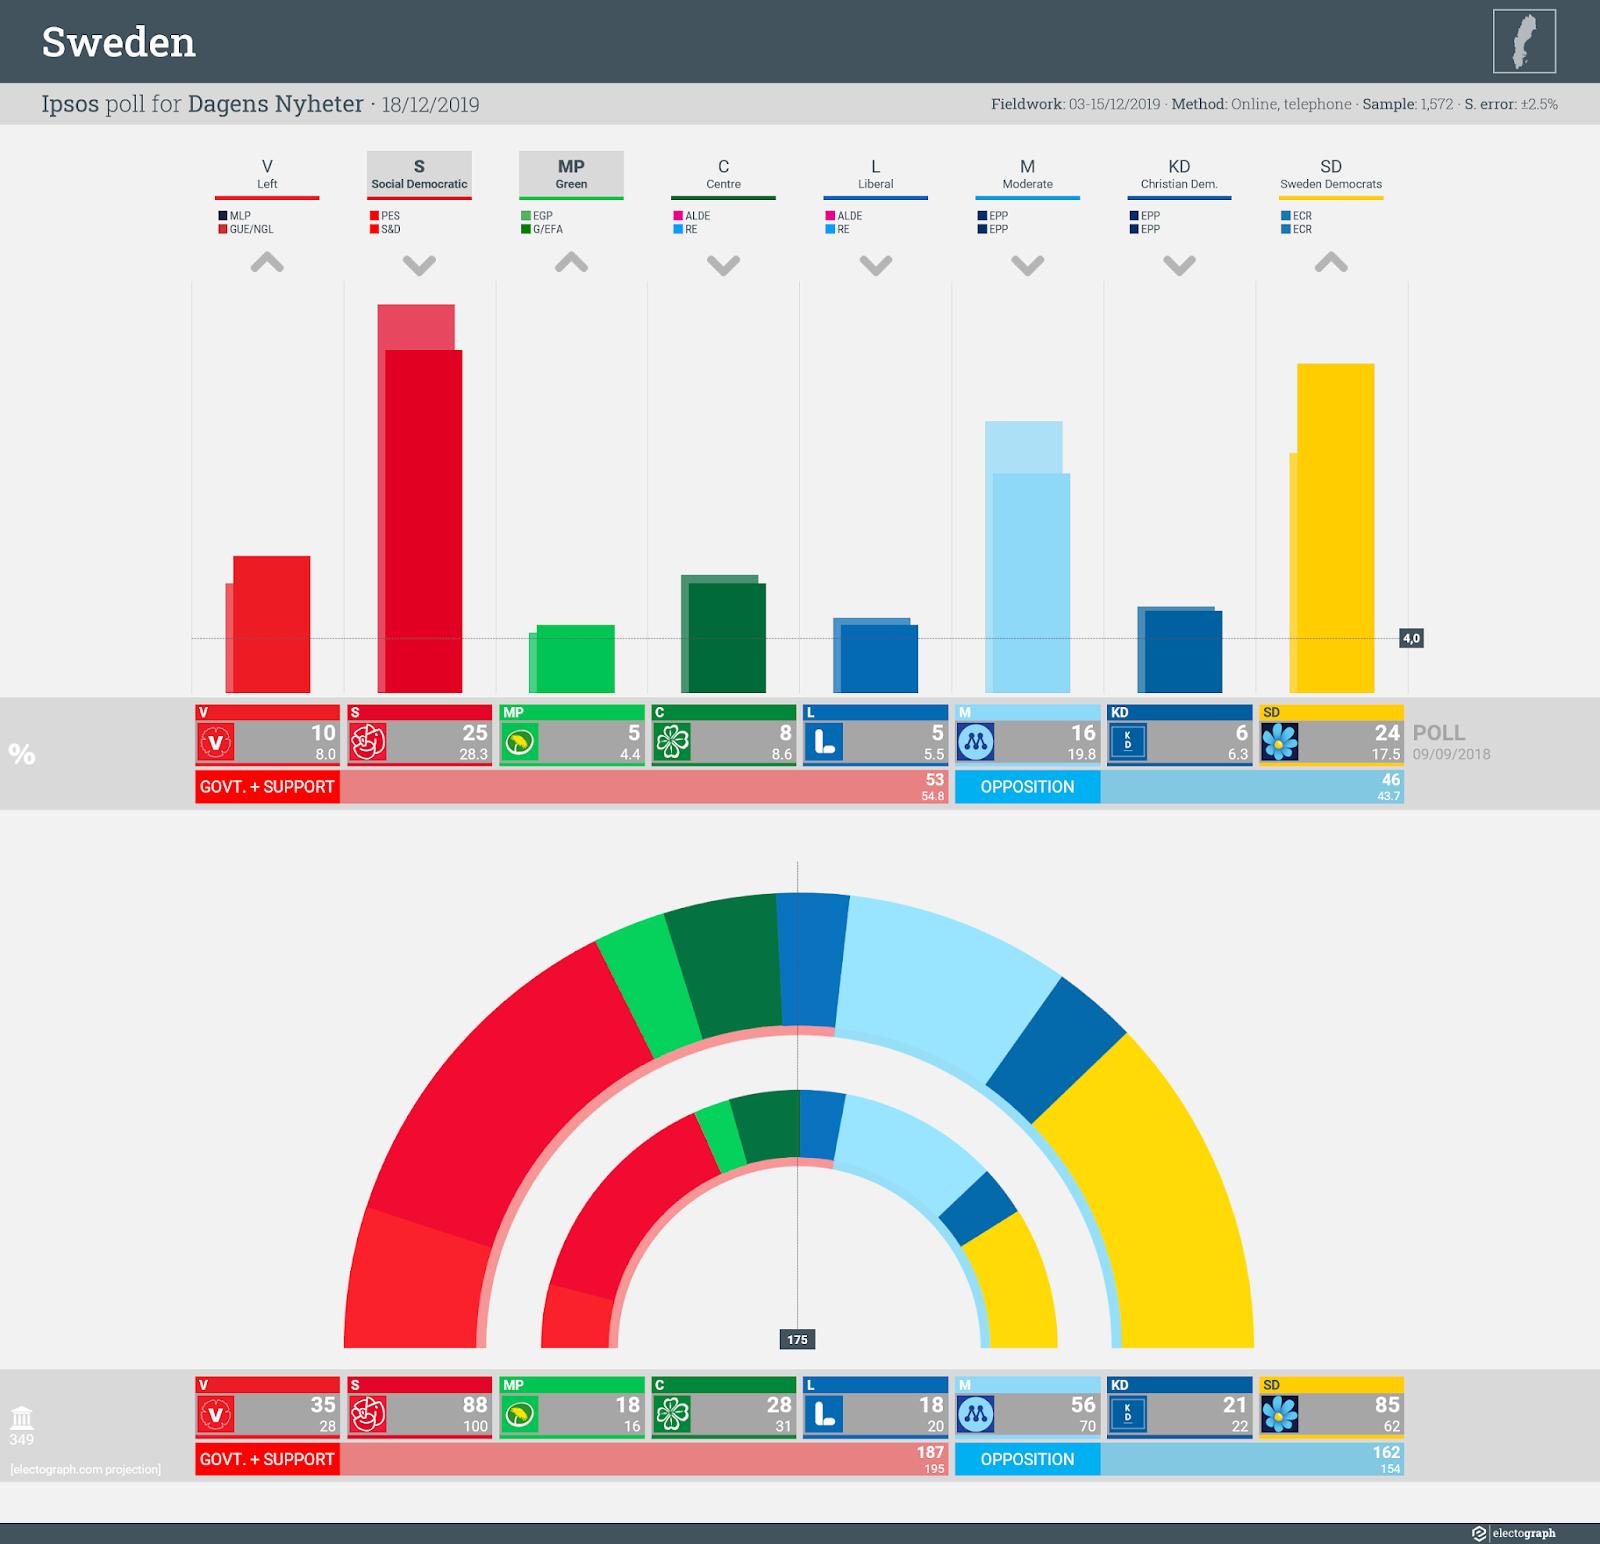 SWEDEN: Ipsos poll chart for Dagens Nyheter, 18 December 2019